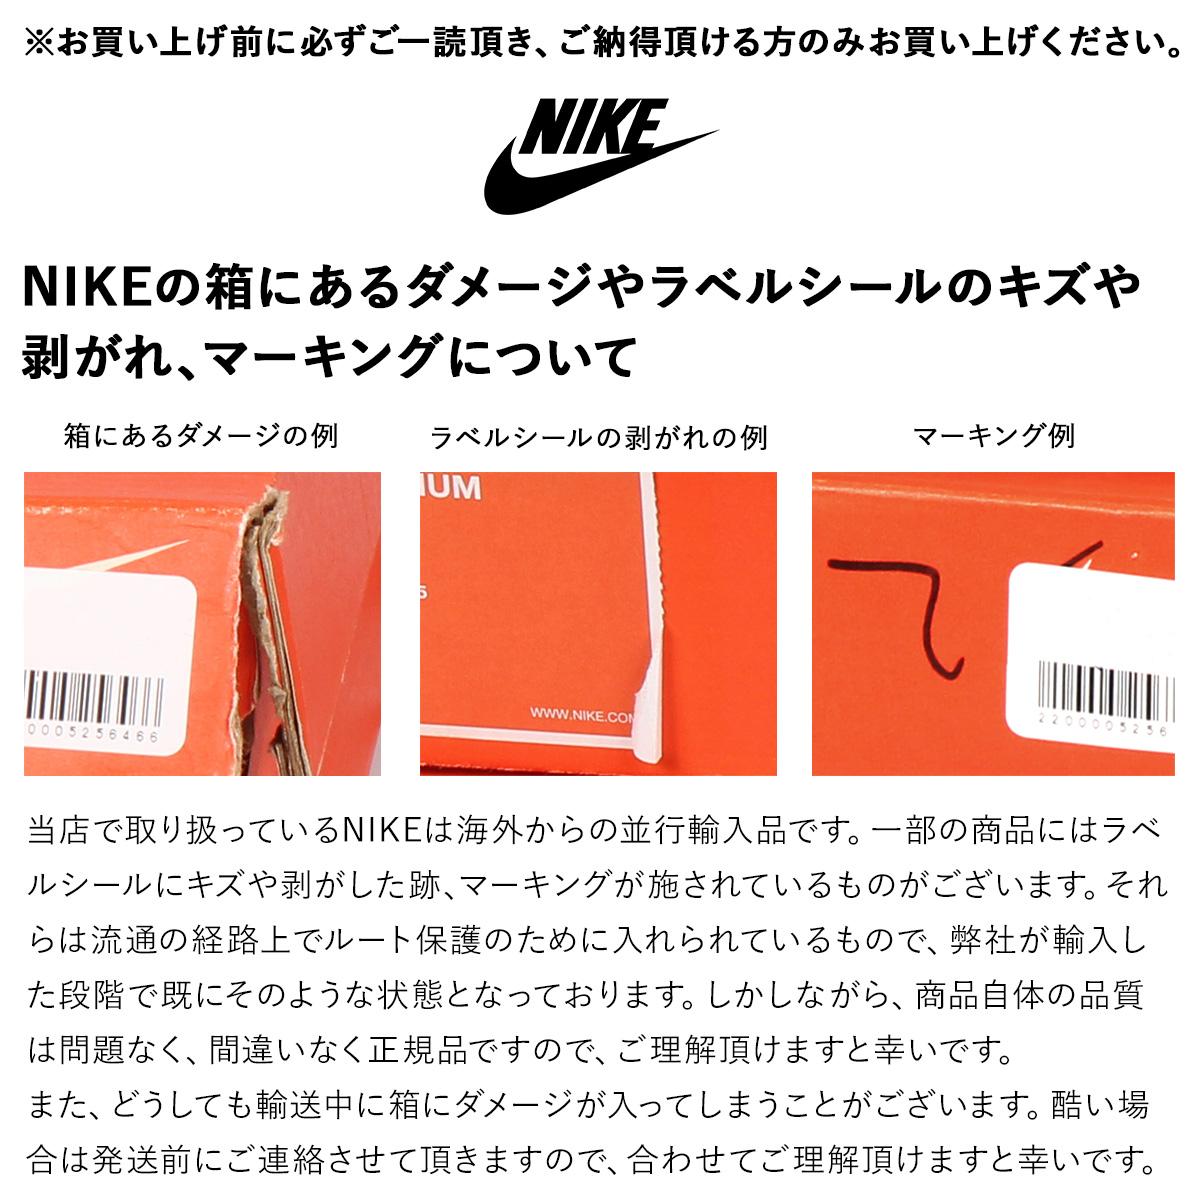 ナイキ NIKE エアマックス98 スニーカー メンズ AIR MAX 98 ブラック 黒 640744 014WE2IDH9